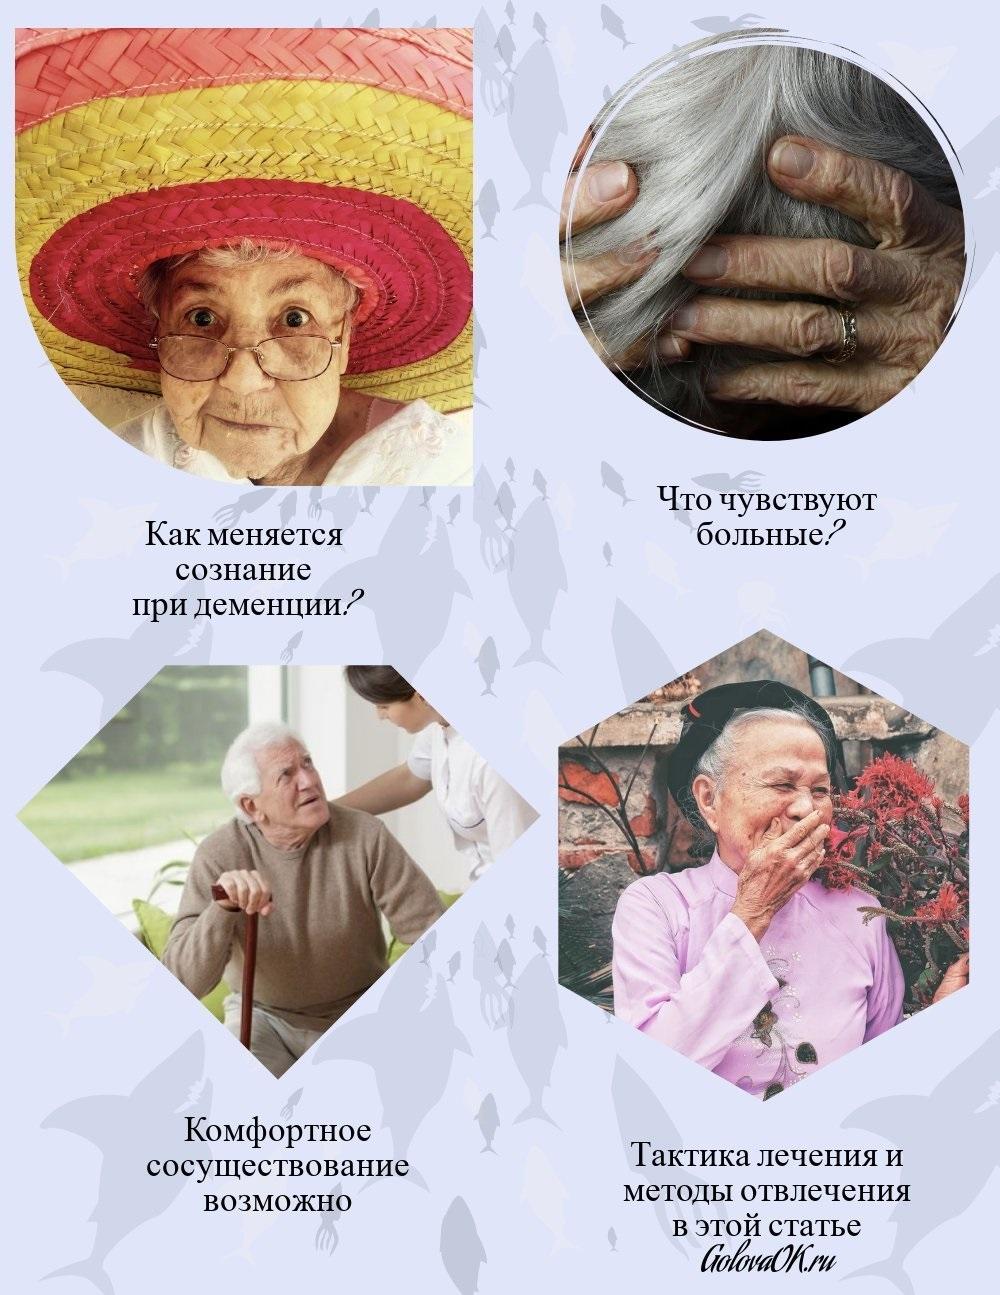 галлюцинации при деменции